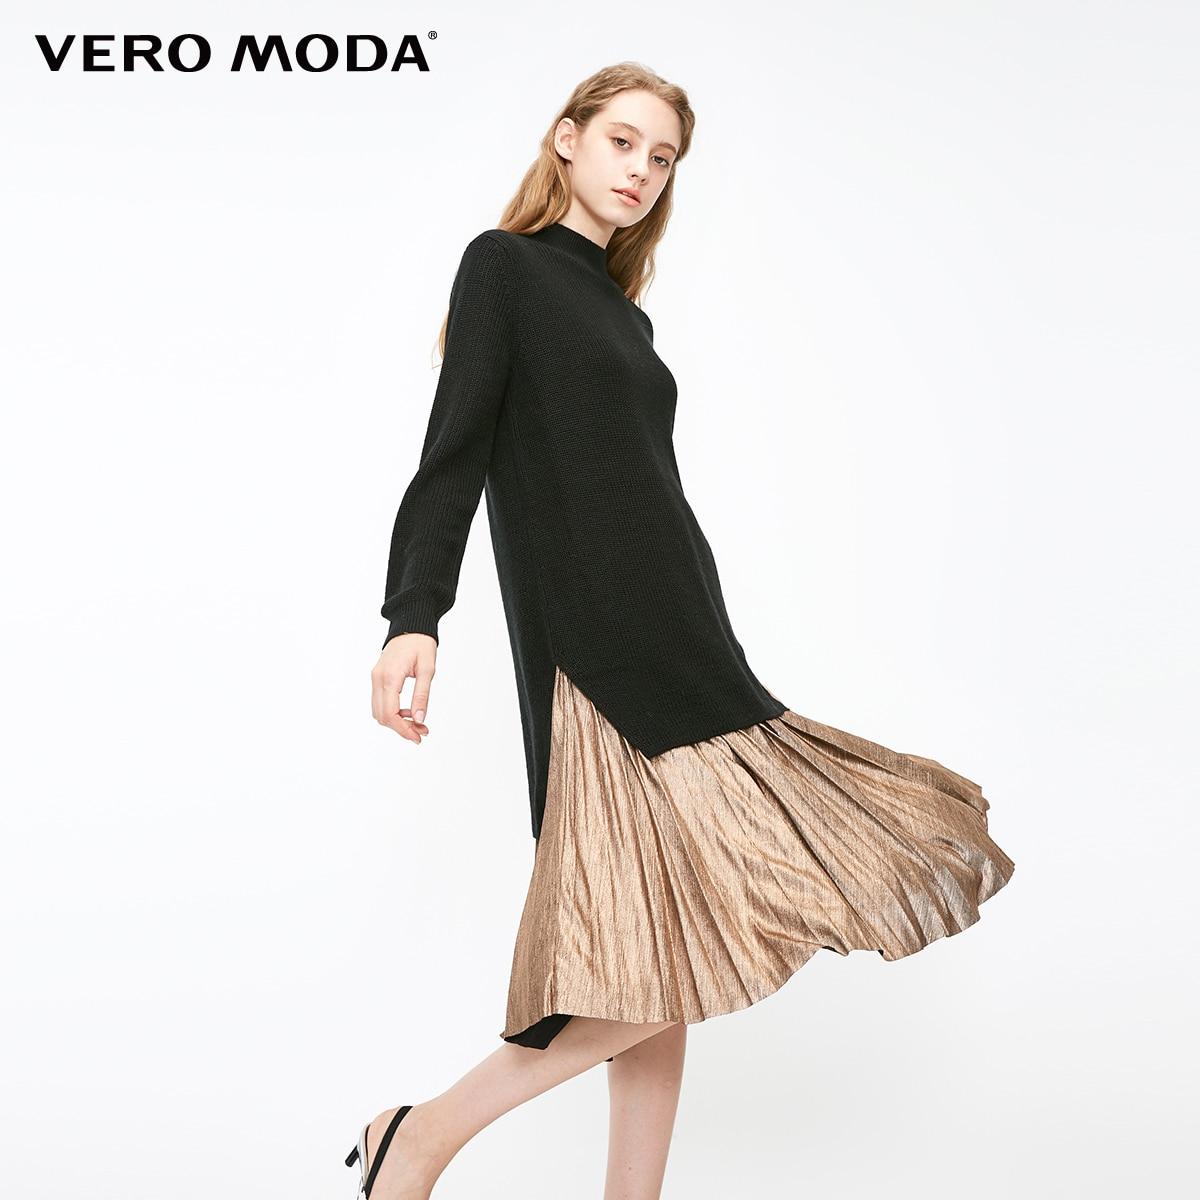 Vero moda 2019 recém chegados malha superior metal plissado hemline vestido de malha de duas peças | 319146524